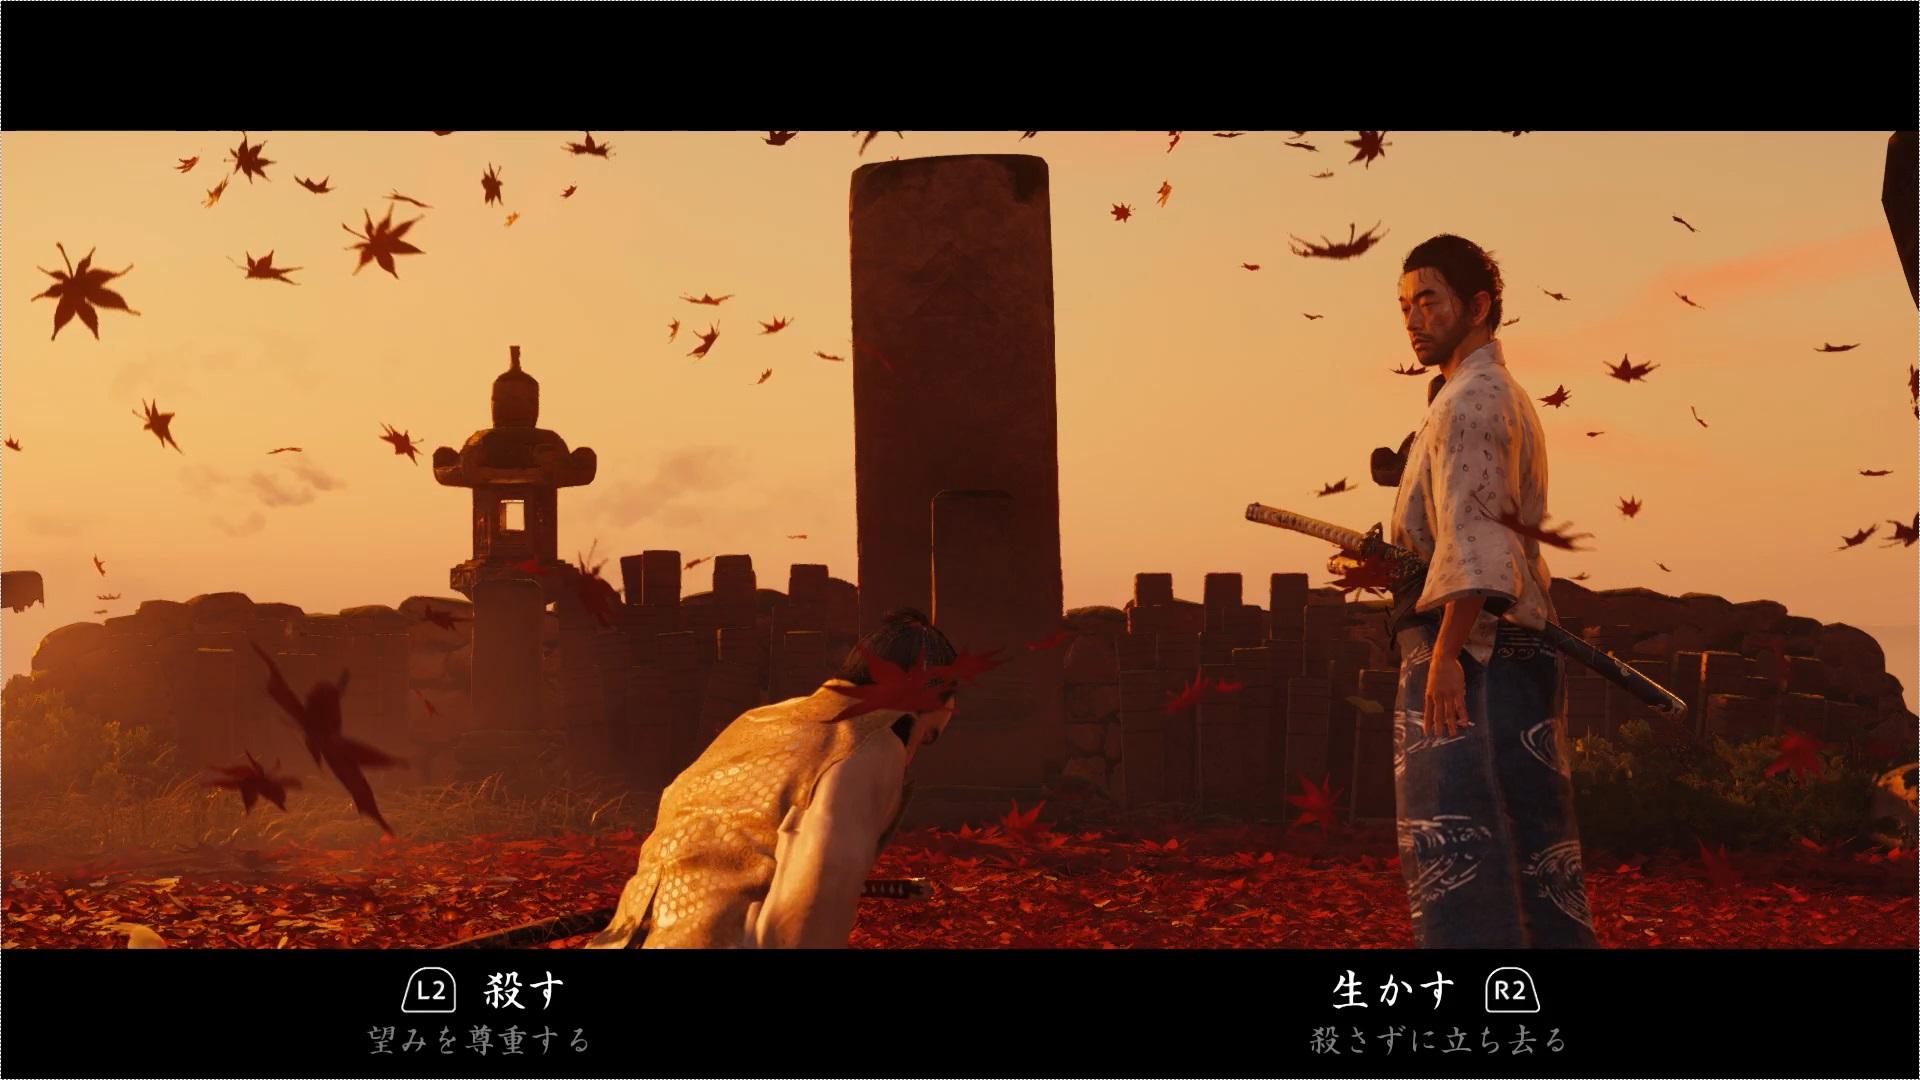 死闘の末、志村殿を倒す。志村殿は誉れある最後を遂げたいと仁に請う。仁が選ぶのは「殺す」か「生かす」の二択。